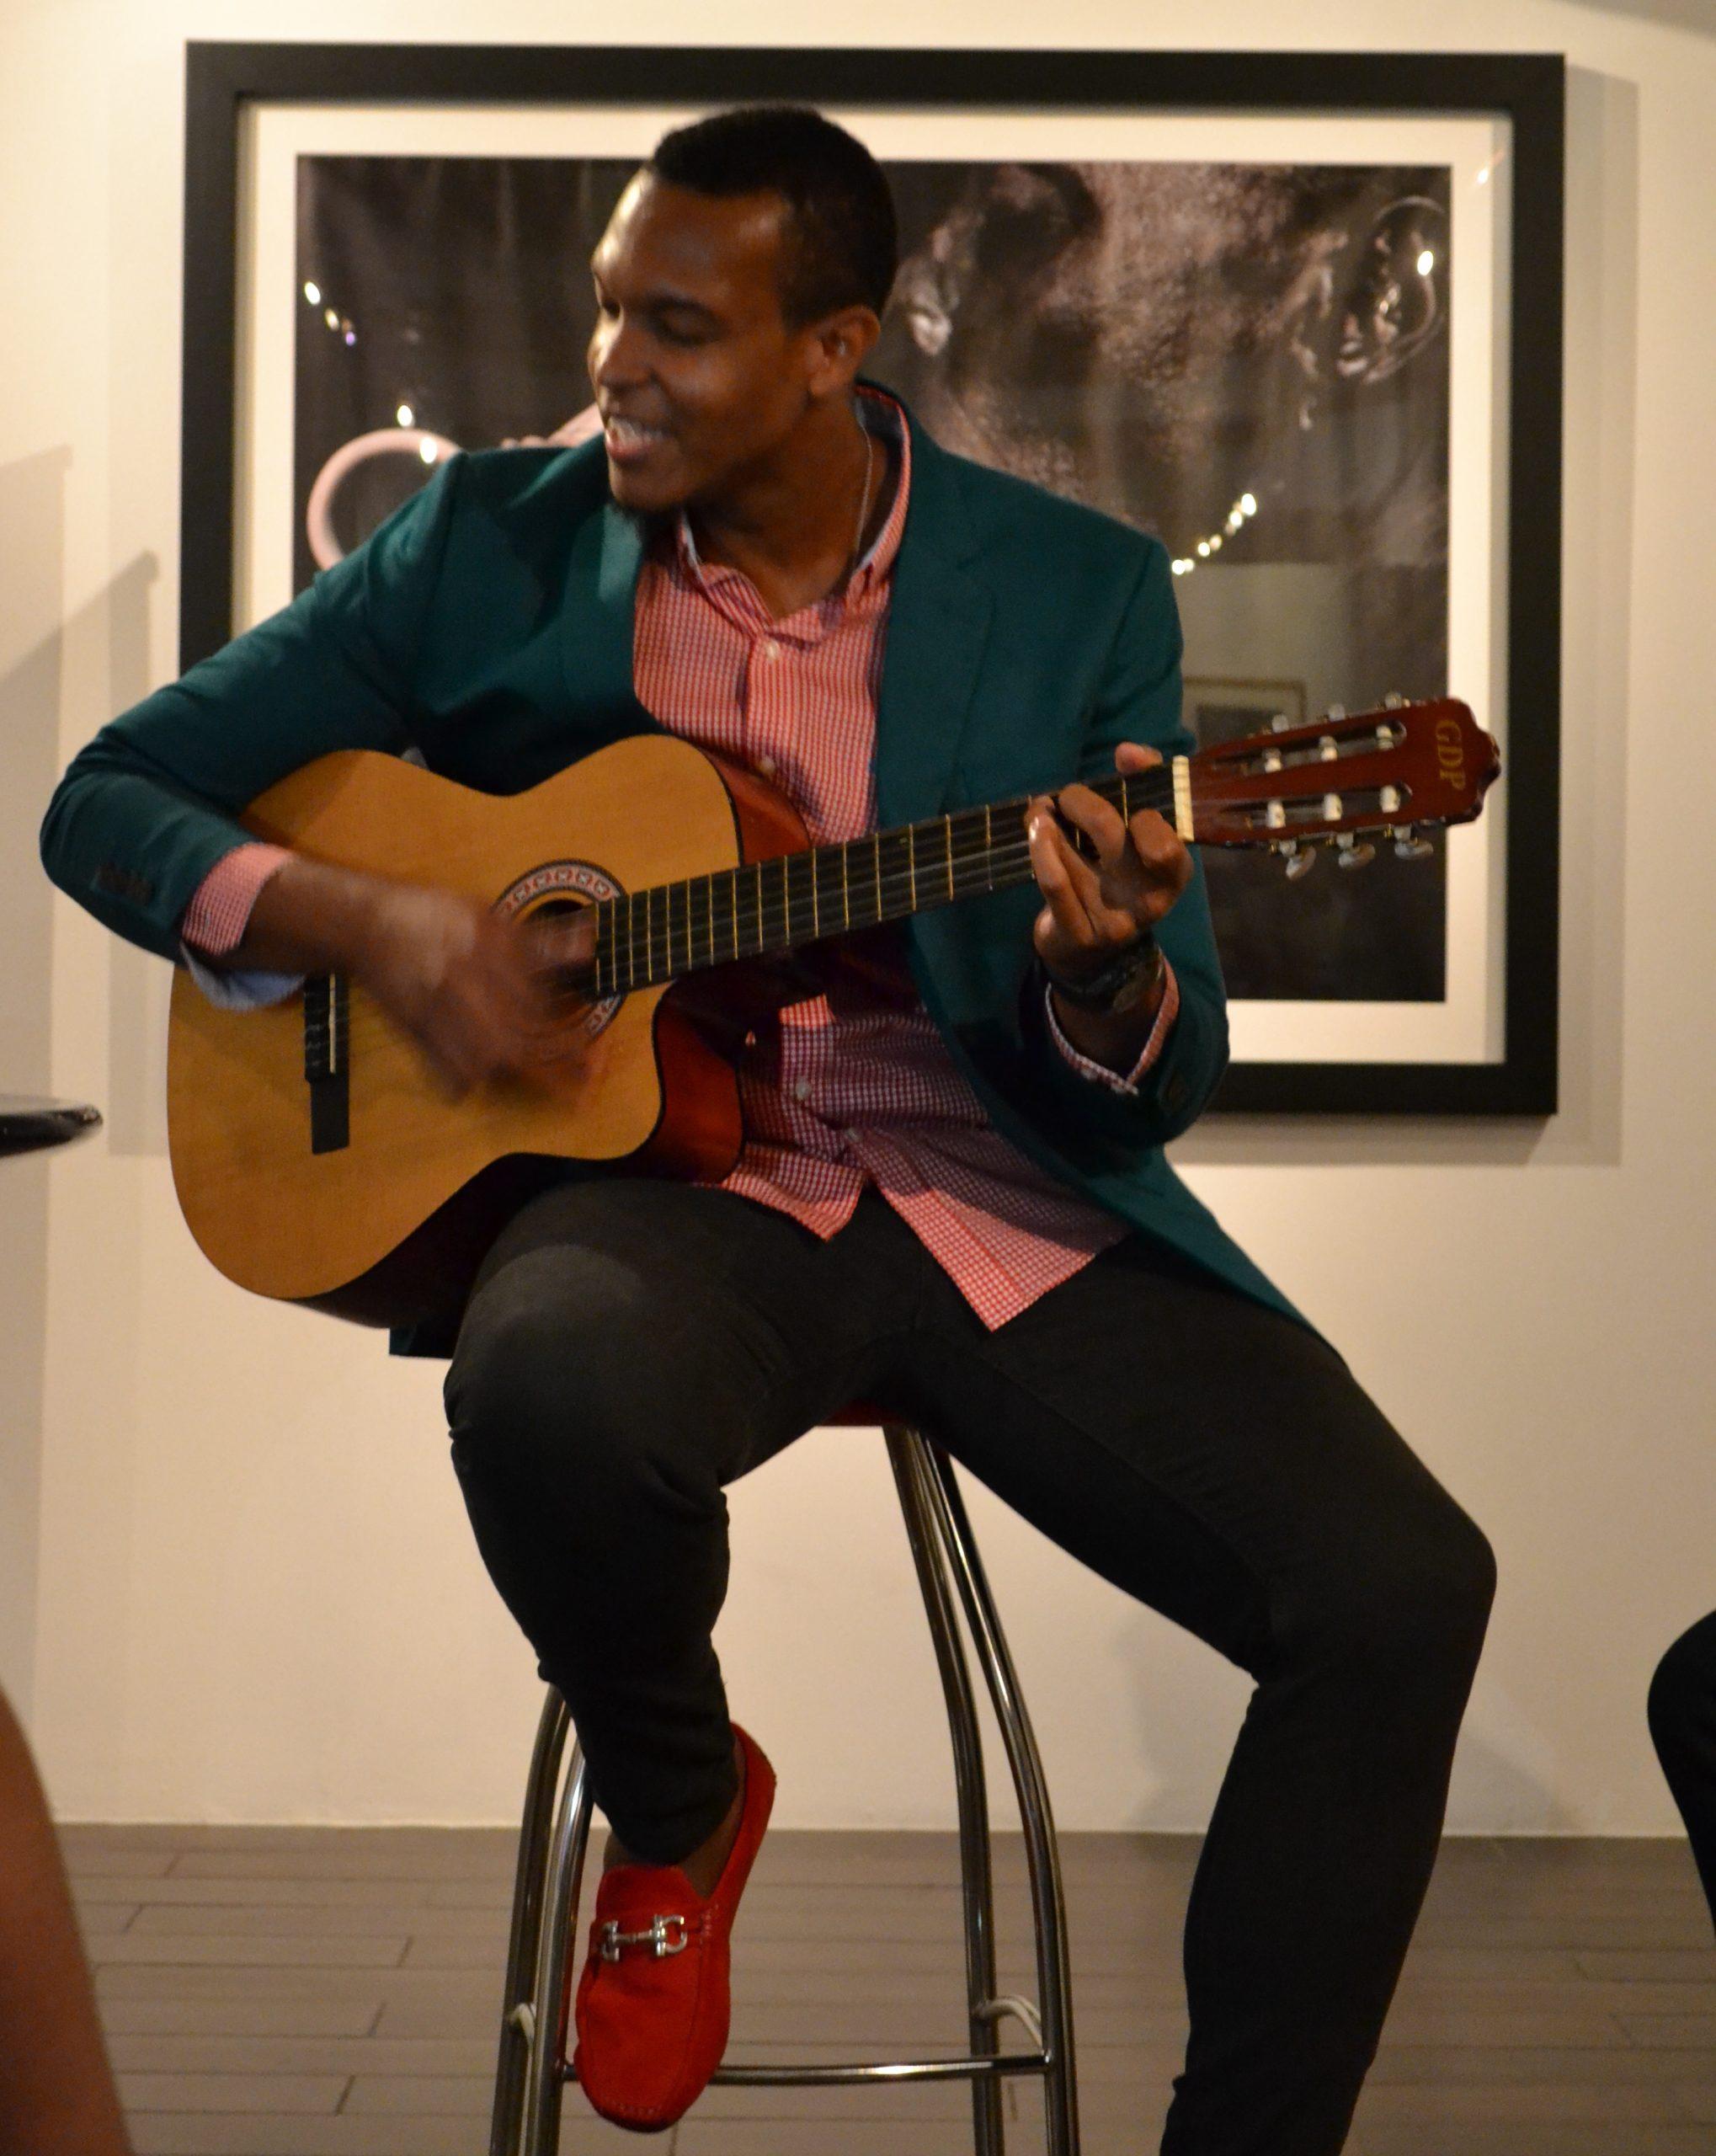 Boutin es un músico y productor hatiano radicado en Puerto Rico desde 2012. (Foto Adelisa González) - Copy